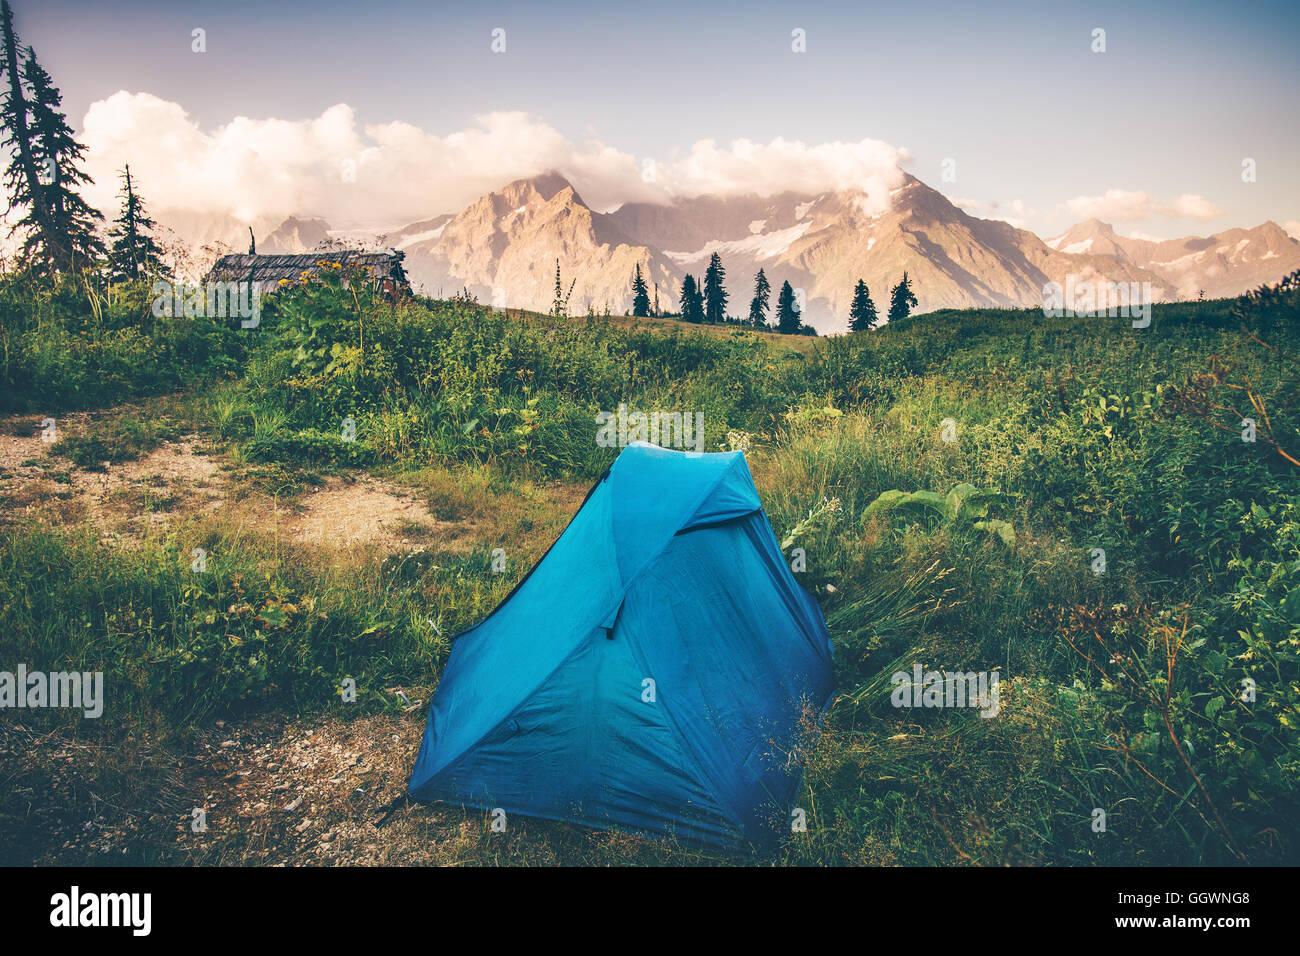 Tente camping Rocheuses Voyage Paysage concept de vie en plein air d'été vacances d'aventure Photo Stock